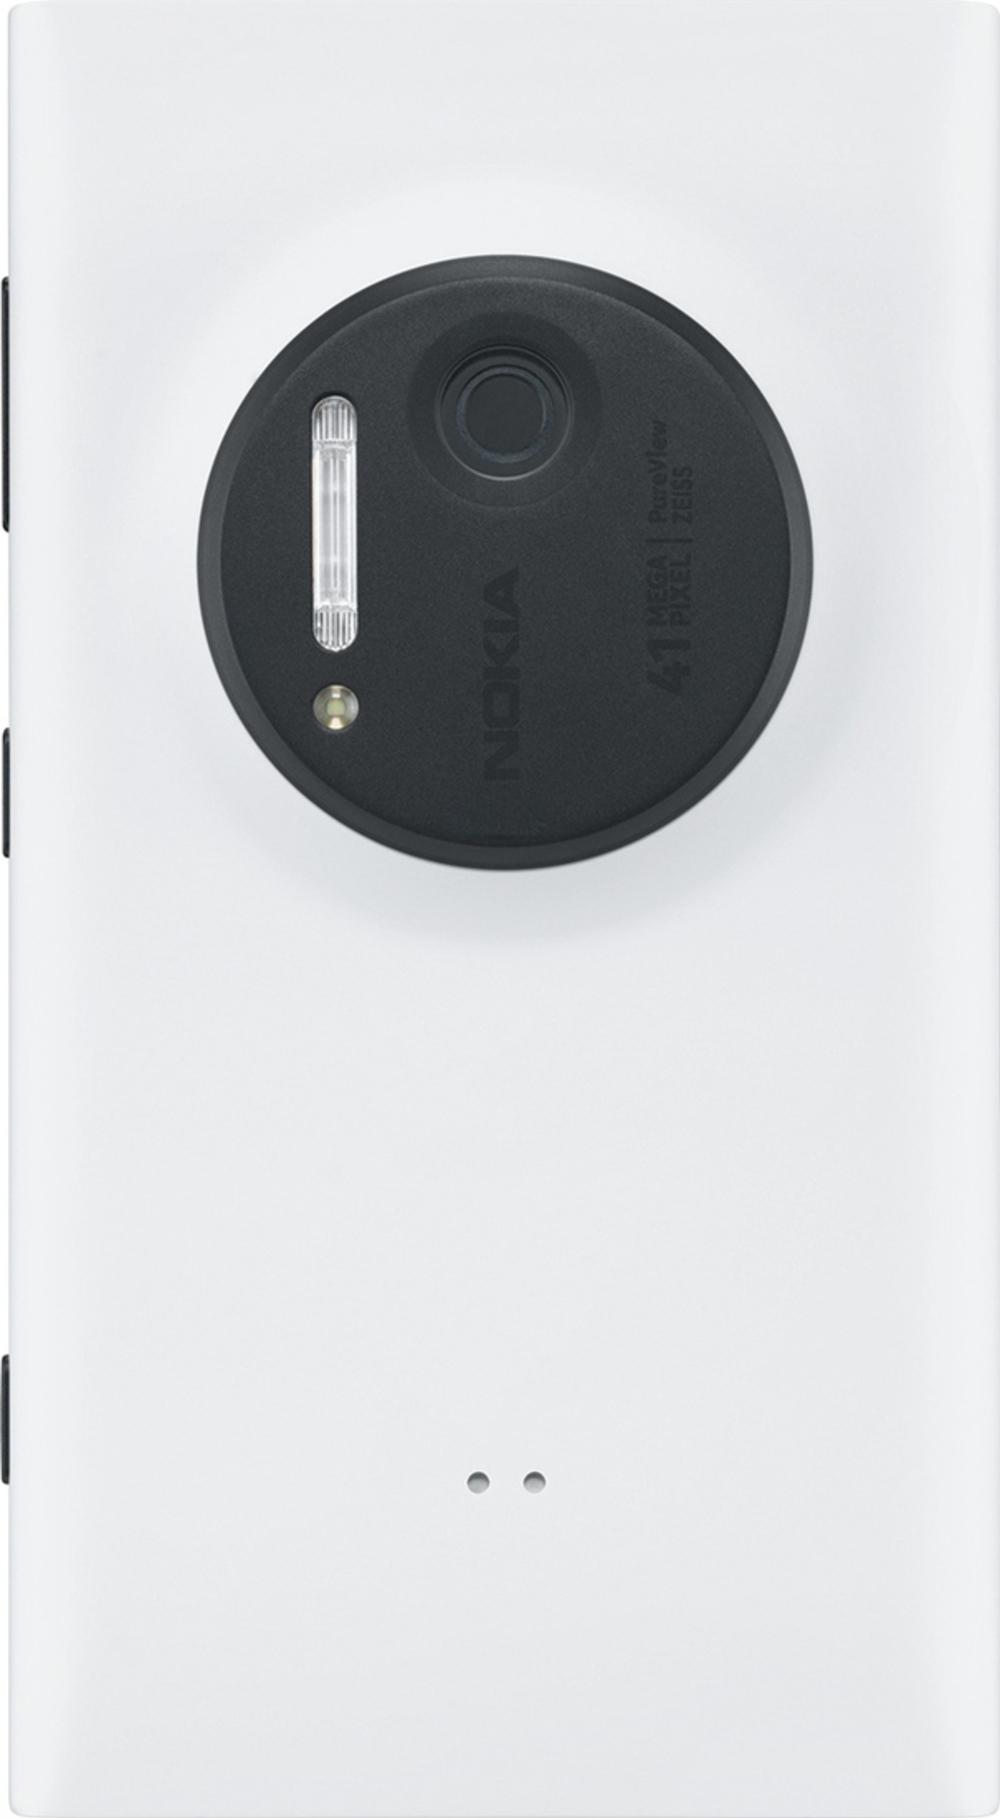 Lumia 1020 #2